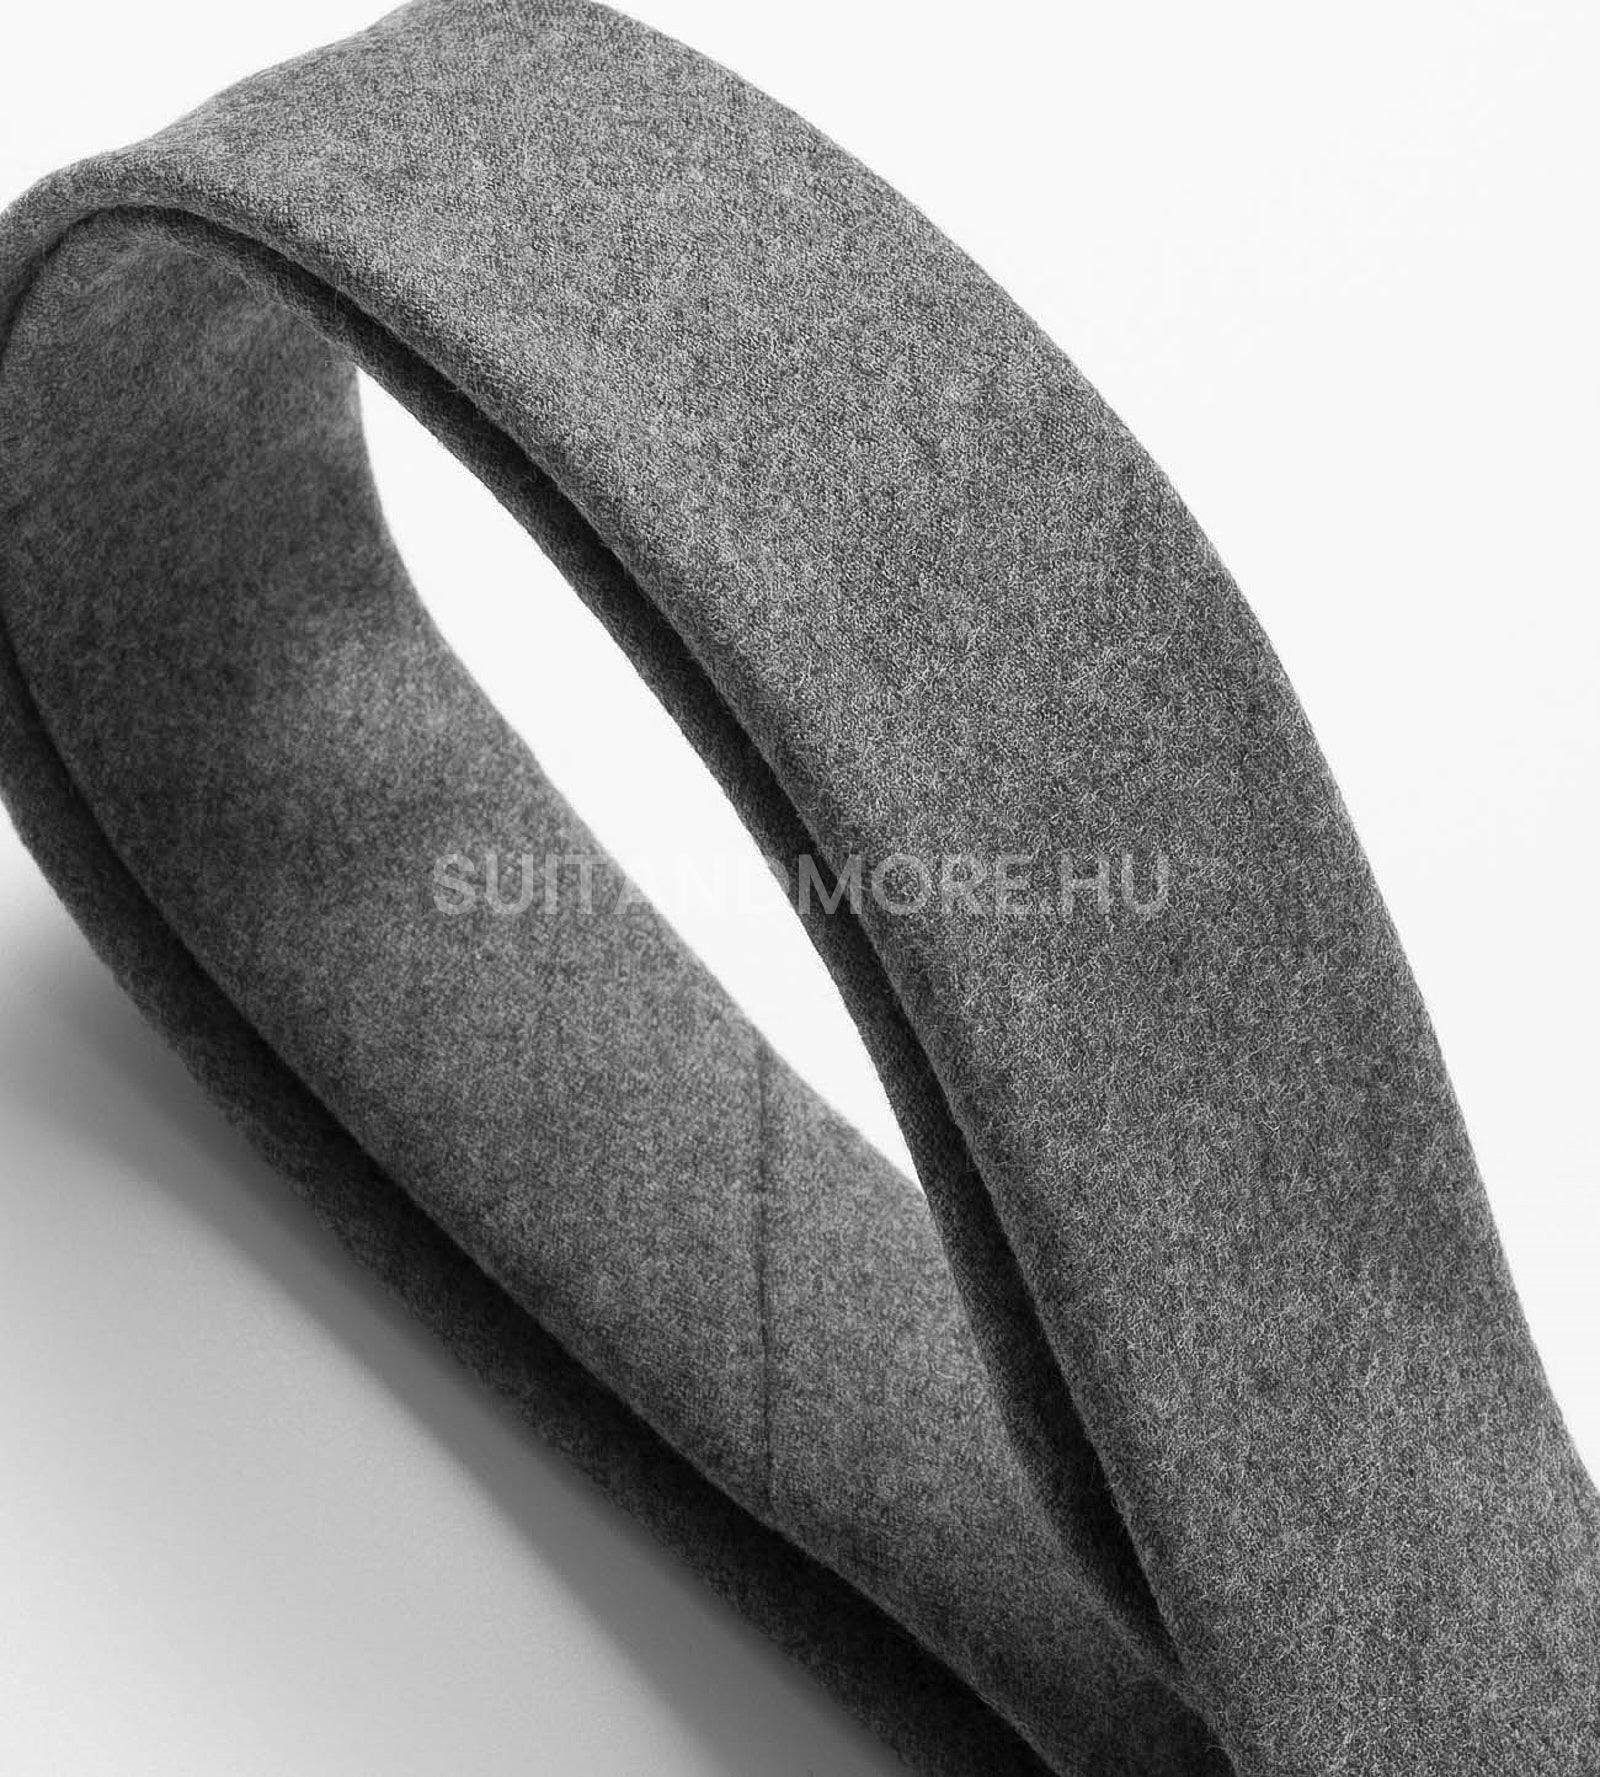 dunhill-strukturalt-szurke-gyapju-nyakkendo-dunhill-1269030-48-02